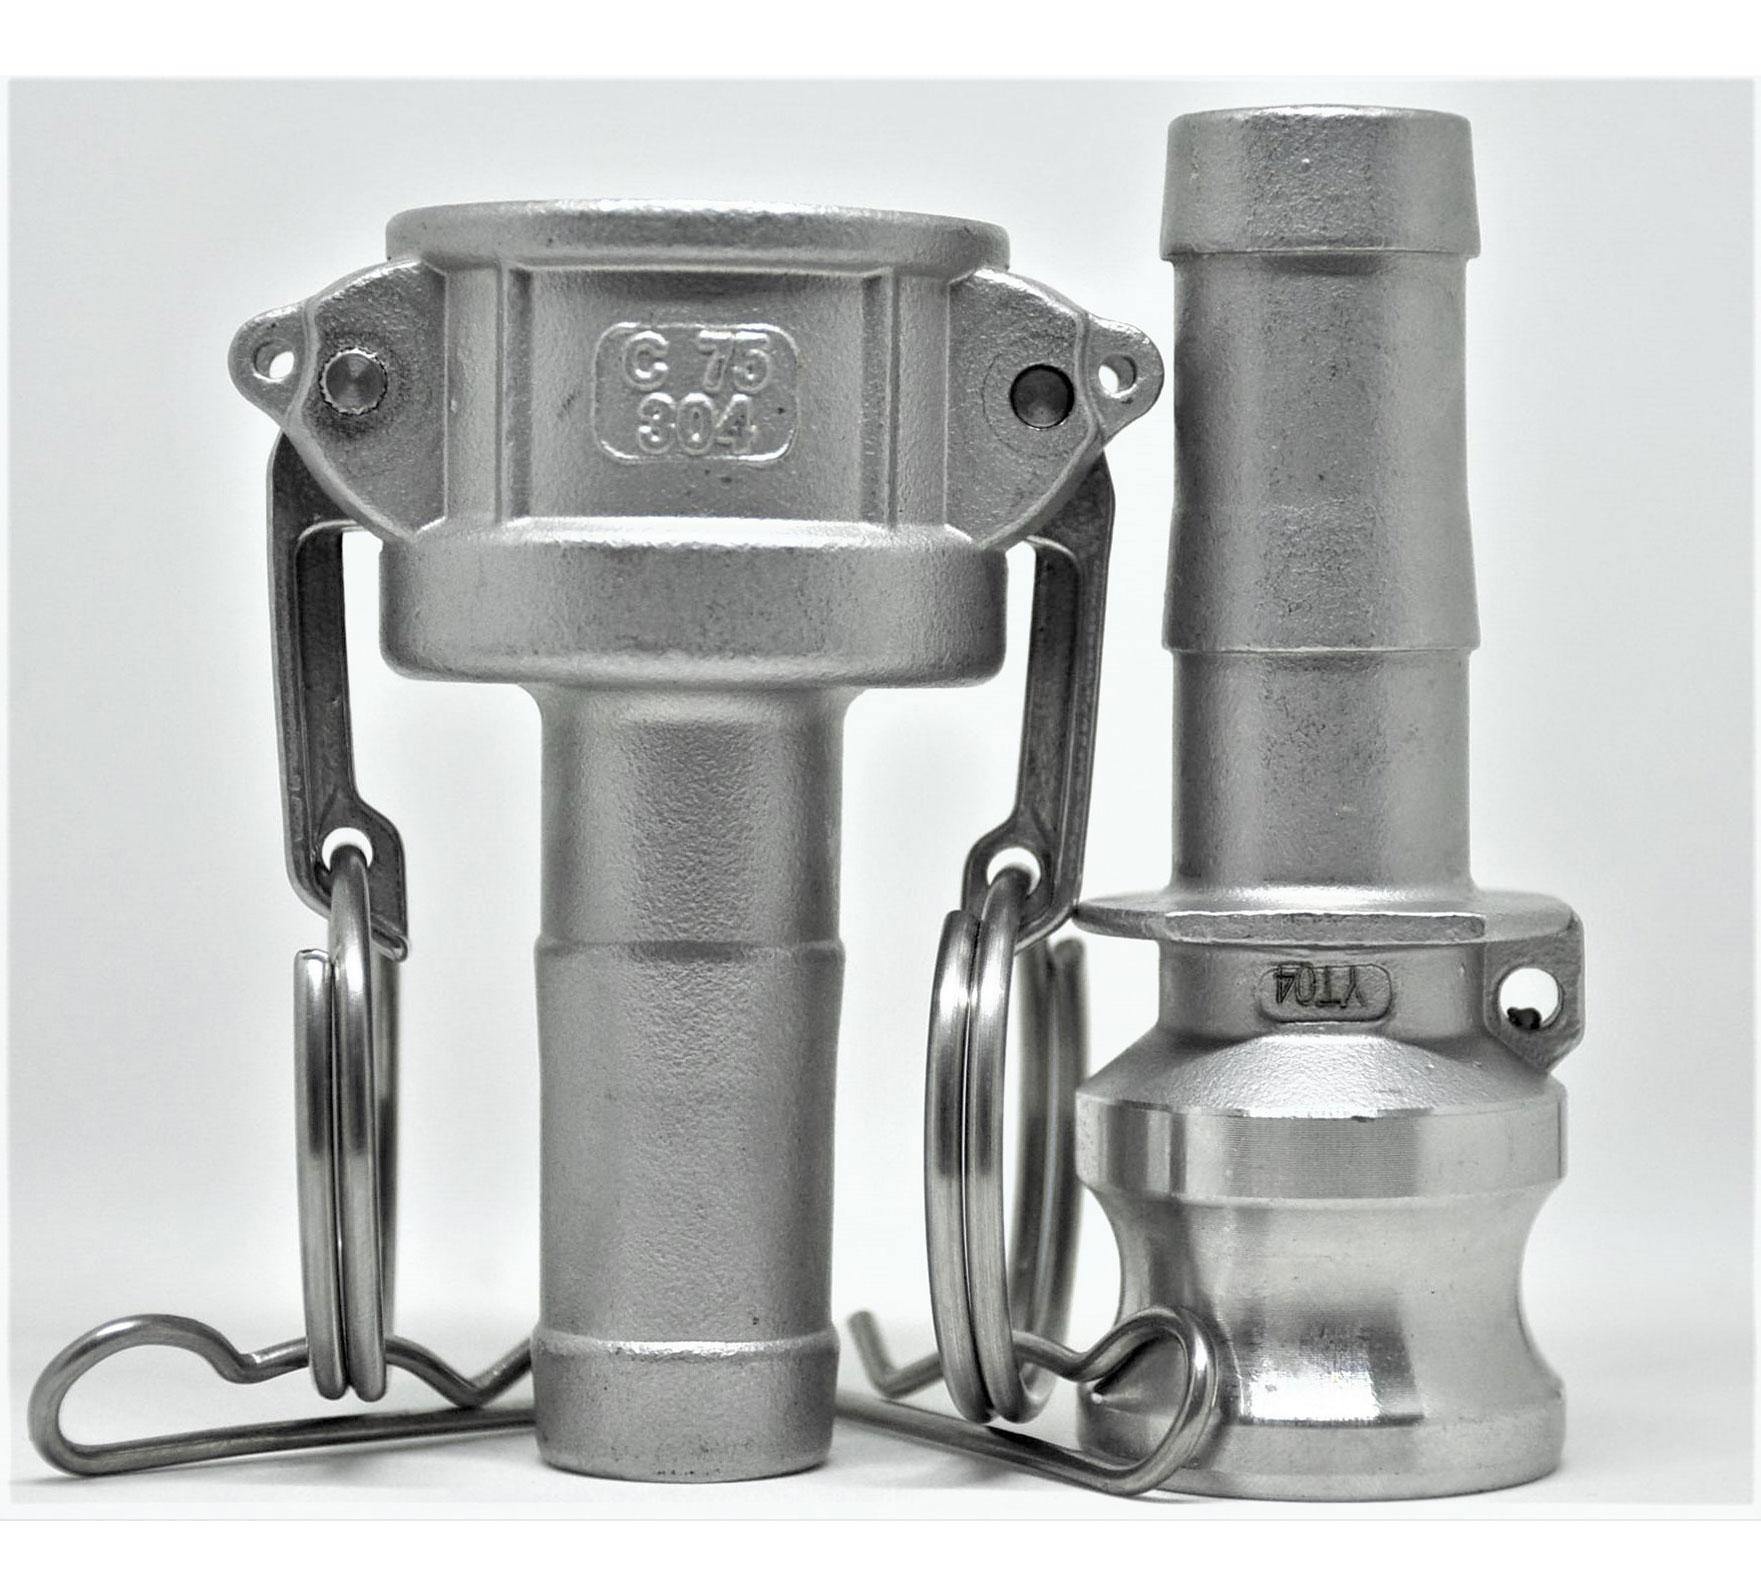 Kit 3 Conjuntos Engate Rápido Acoplador + Adaptador 3/4 inox 304 para Mangueiras